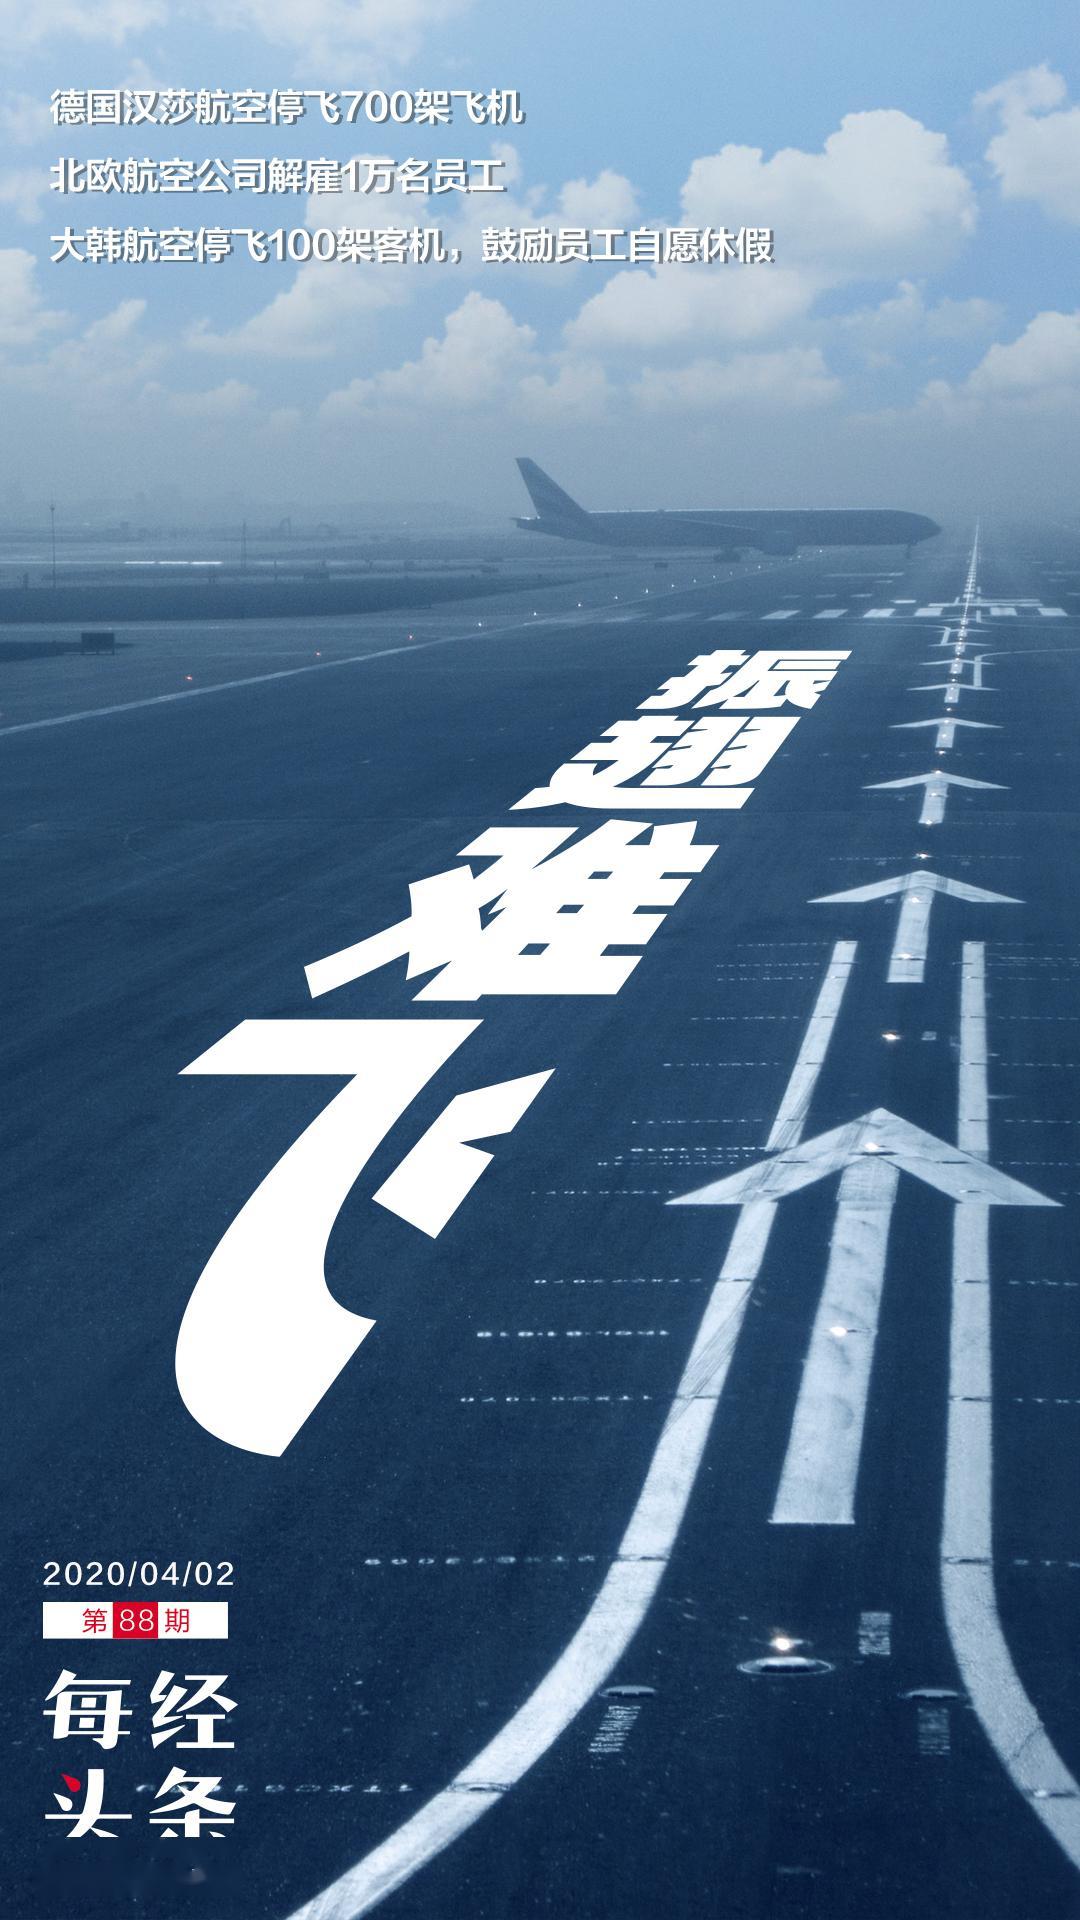 """全球航空业""""振翅难飞"""":7成航企现金撑不过3个月,需2000亿美元纾困"""